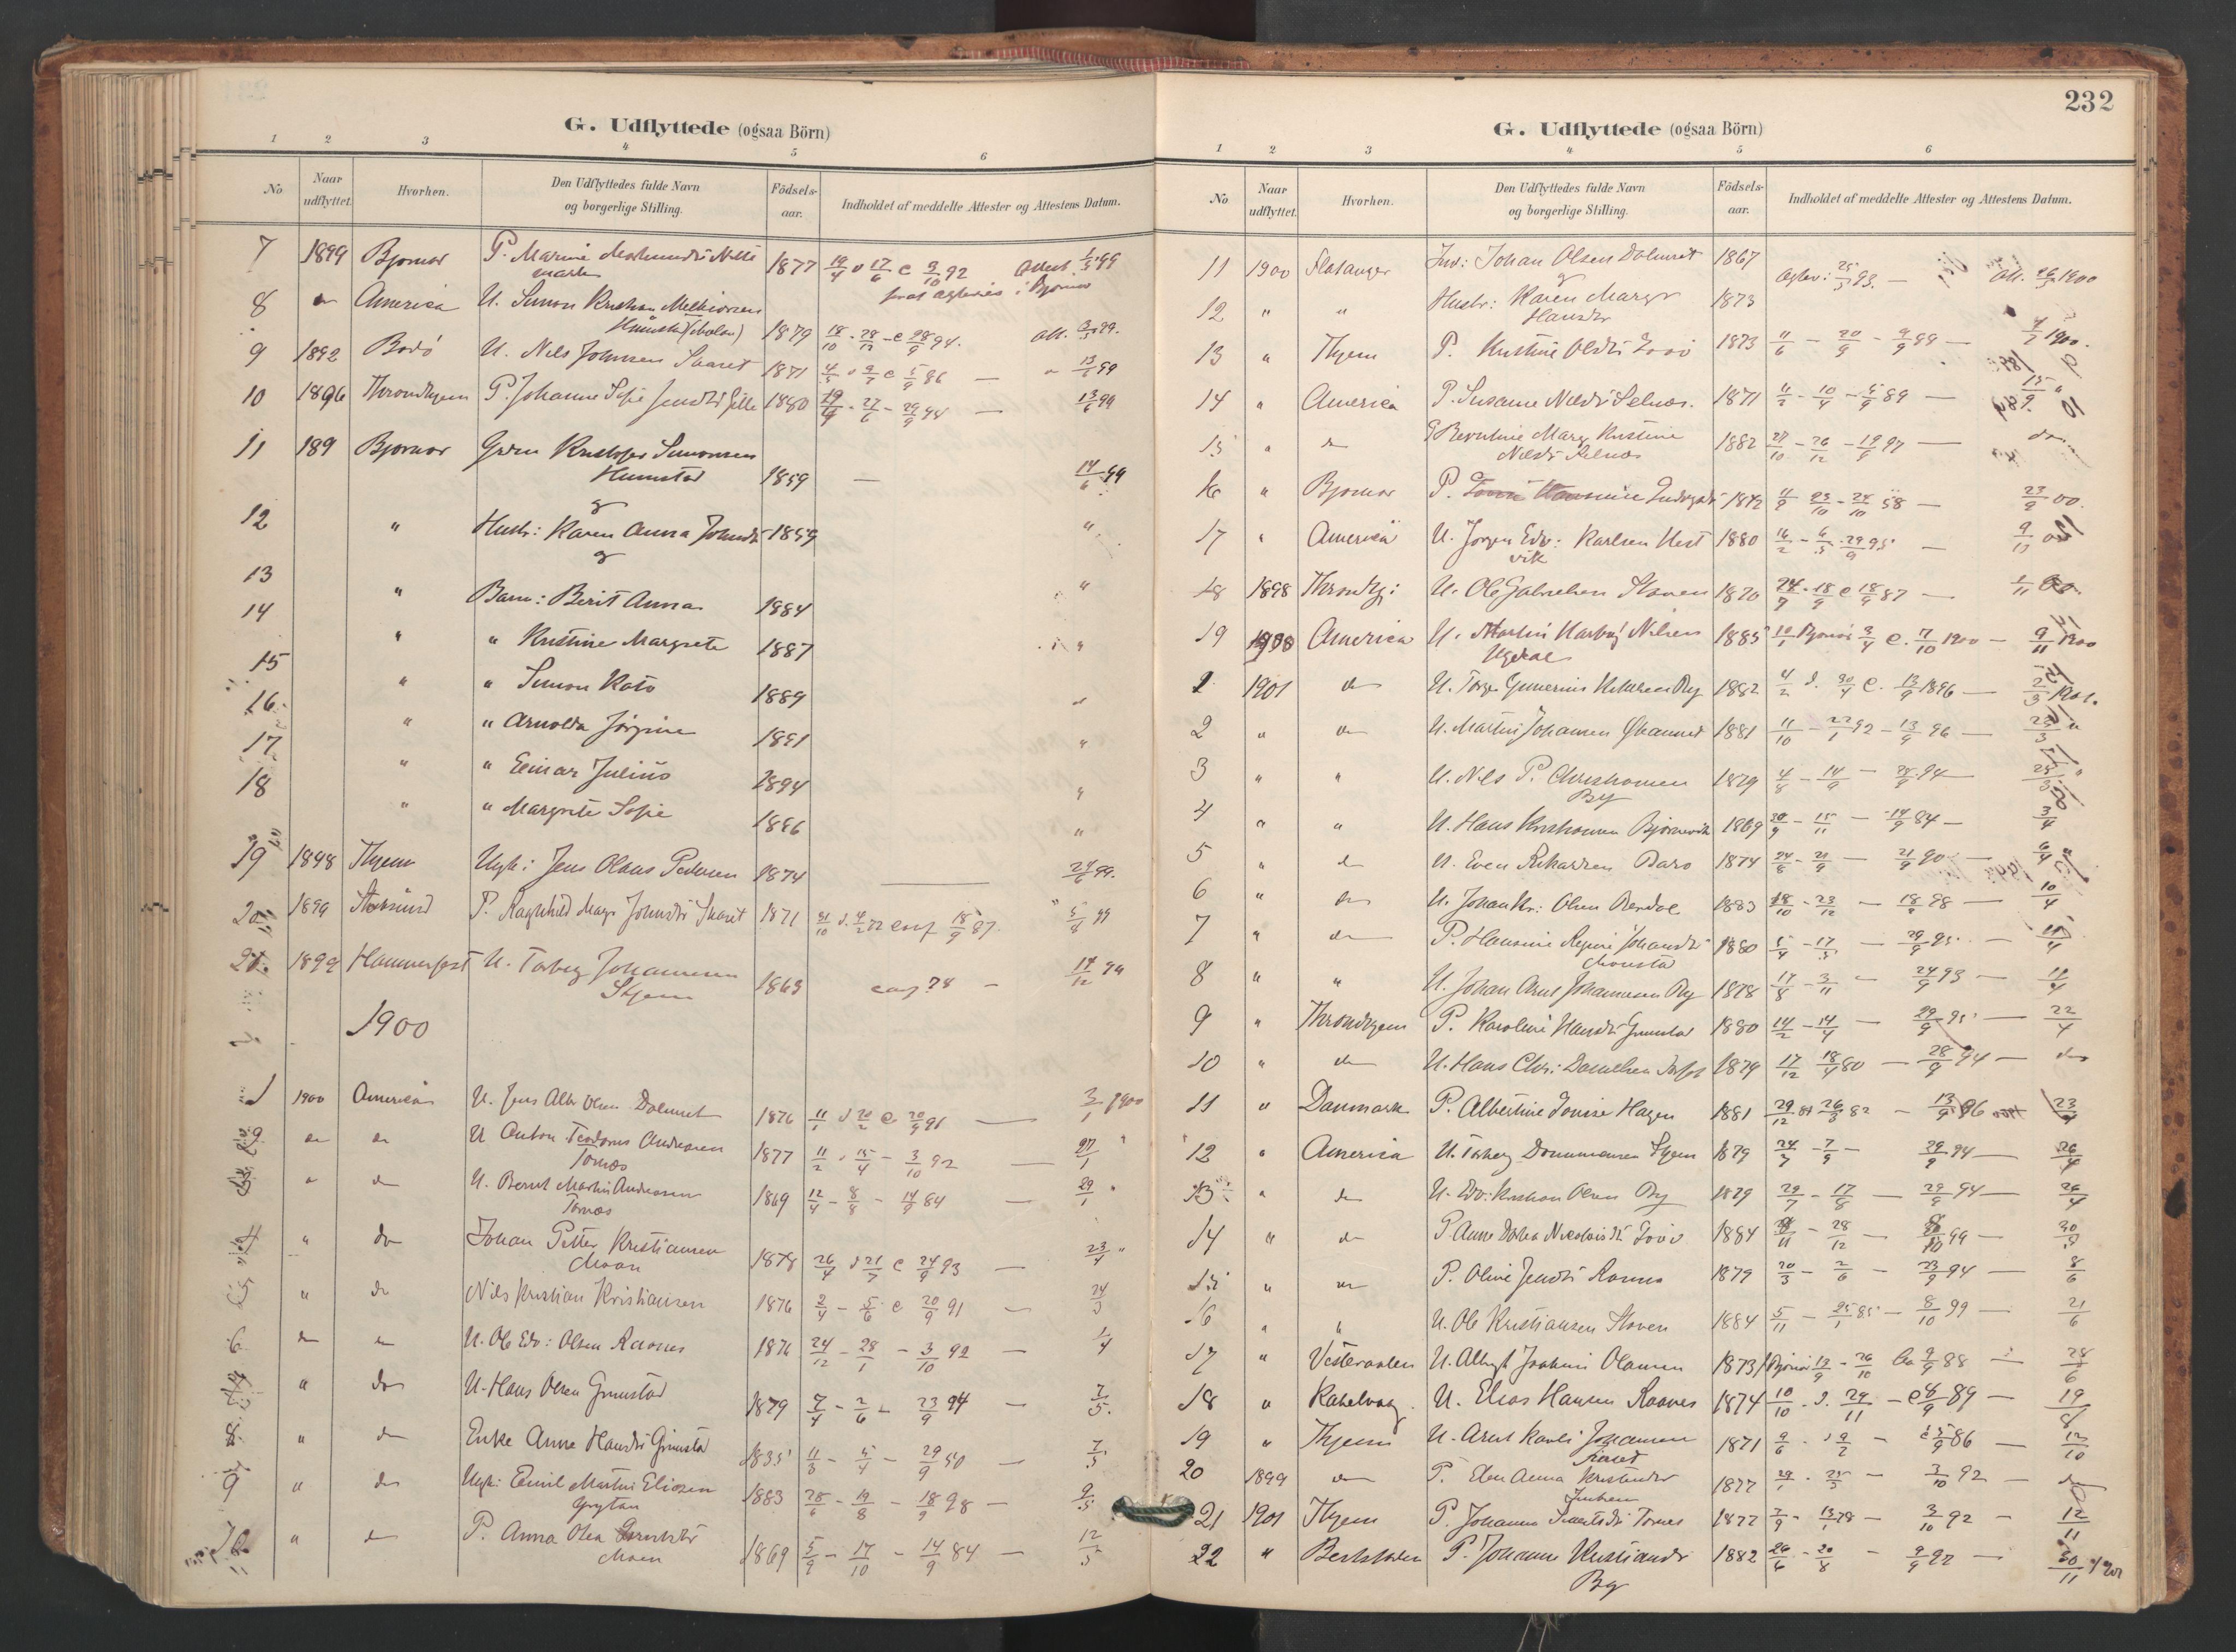 SAT, Ministerialprotokoller, klokkerbøker og fødselsregistre - Sør-Trøndelag, 655/L0681: Ministerialbok nr. 655A10, 1895-1907, s. 232